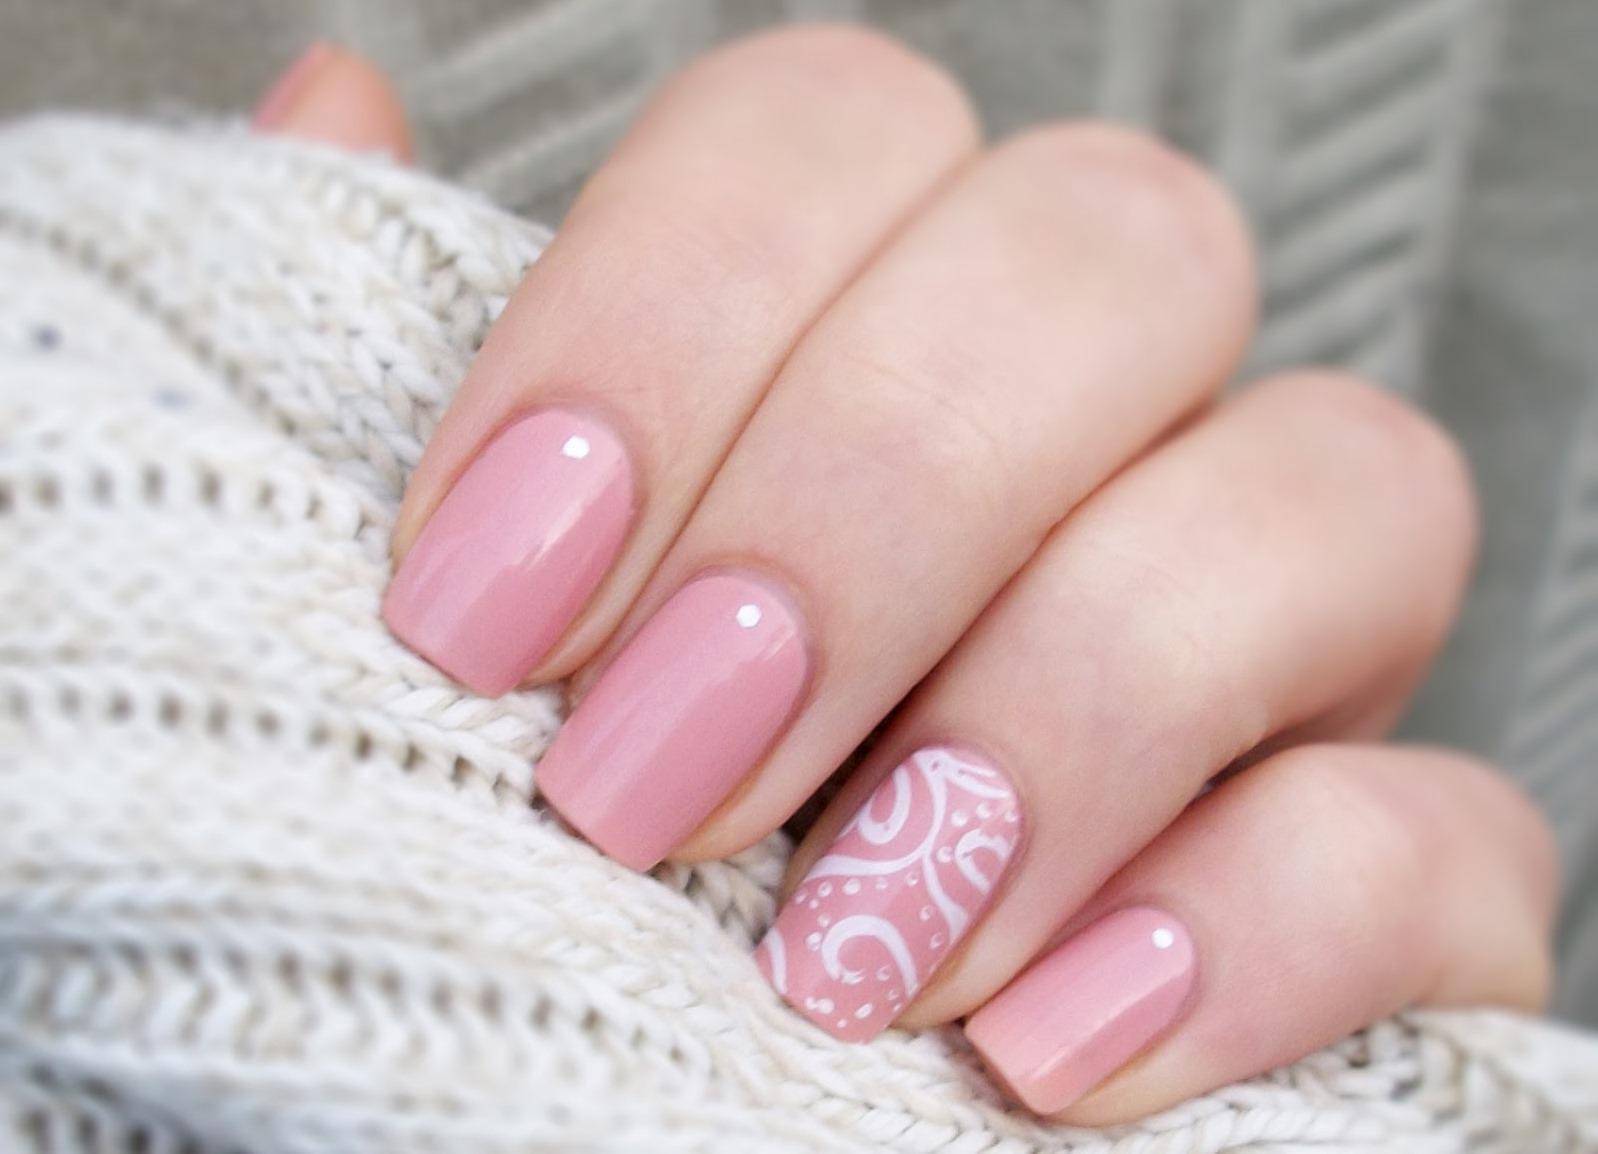 100 Napadu Klasicke Pastelove Manikury Confetissimo Blog Pro Zeny